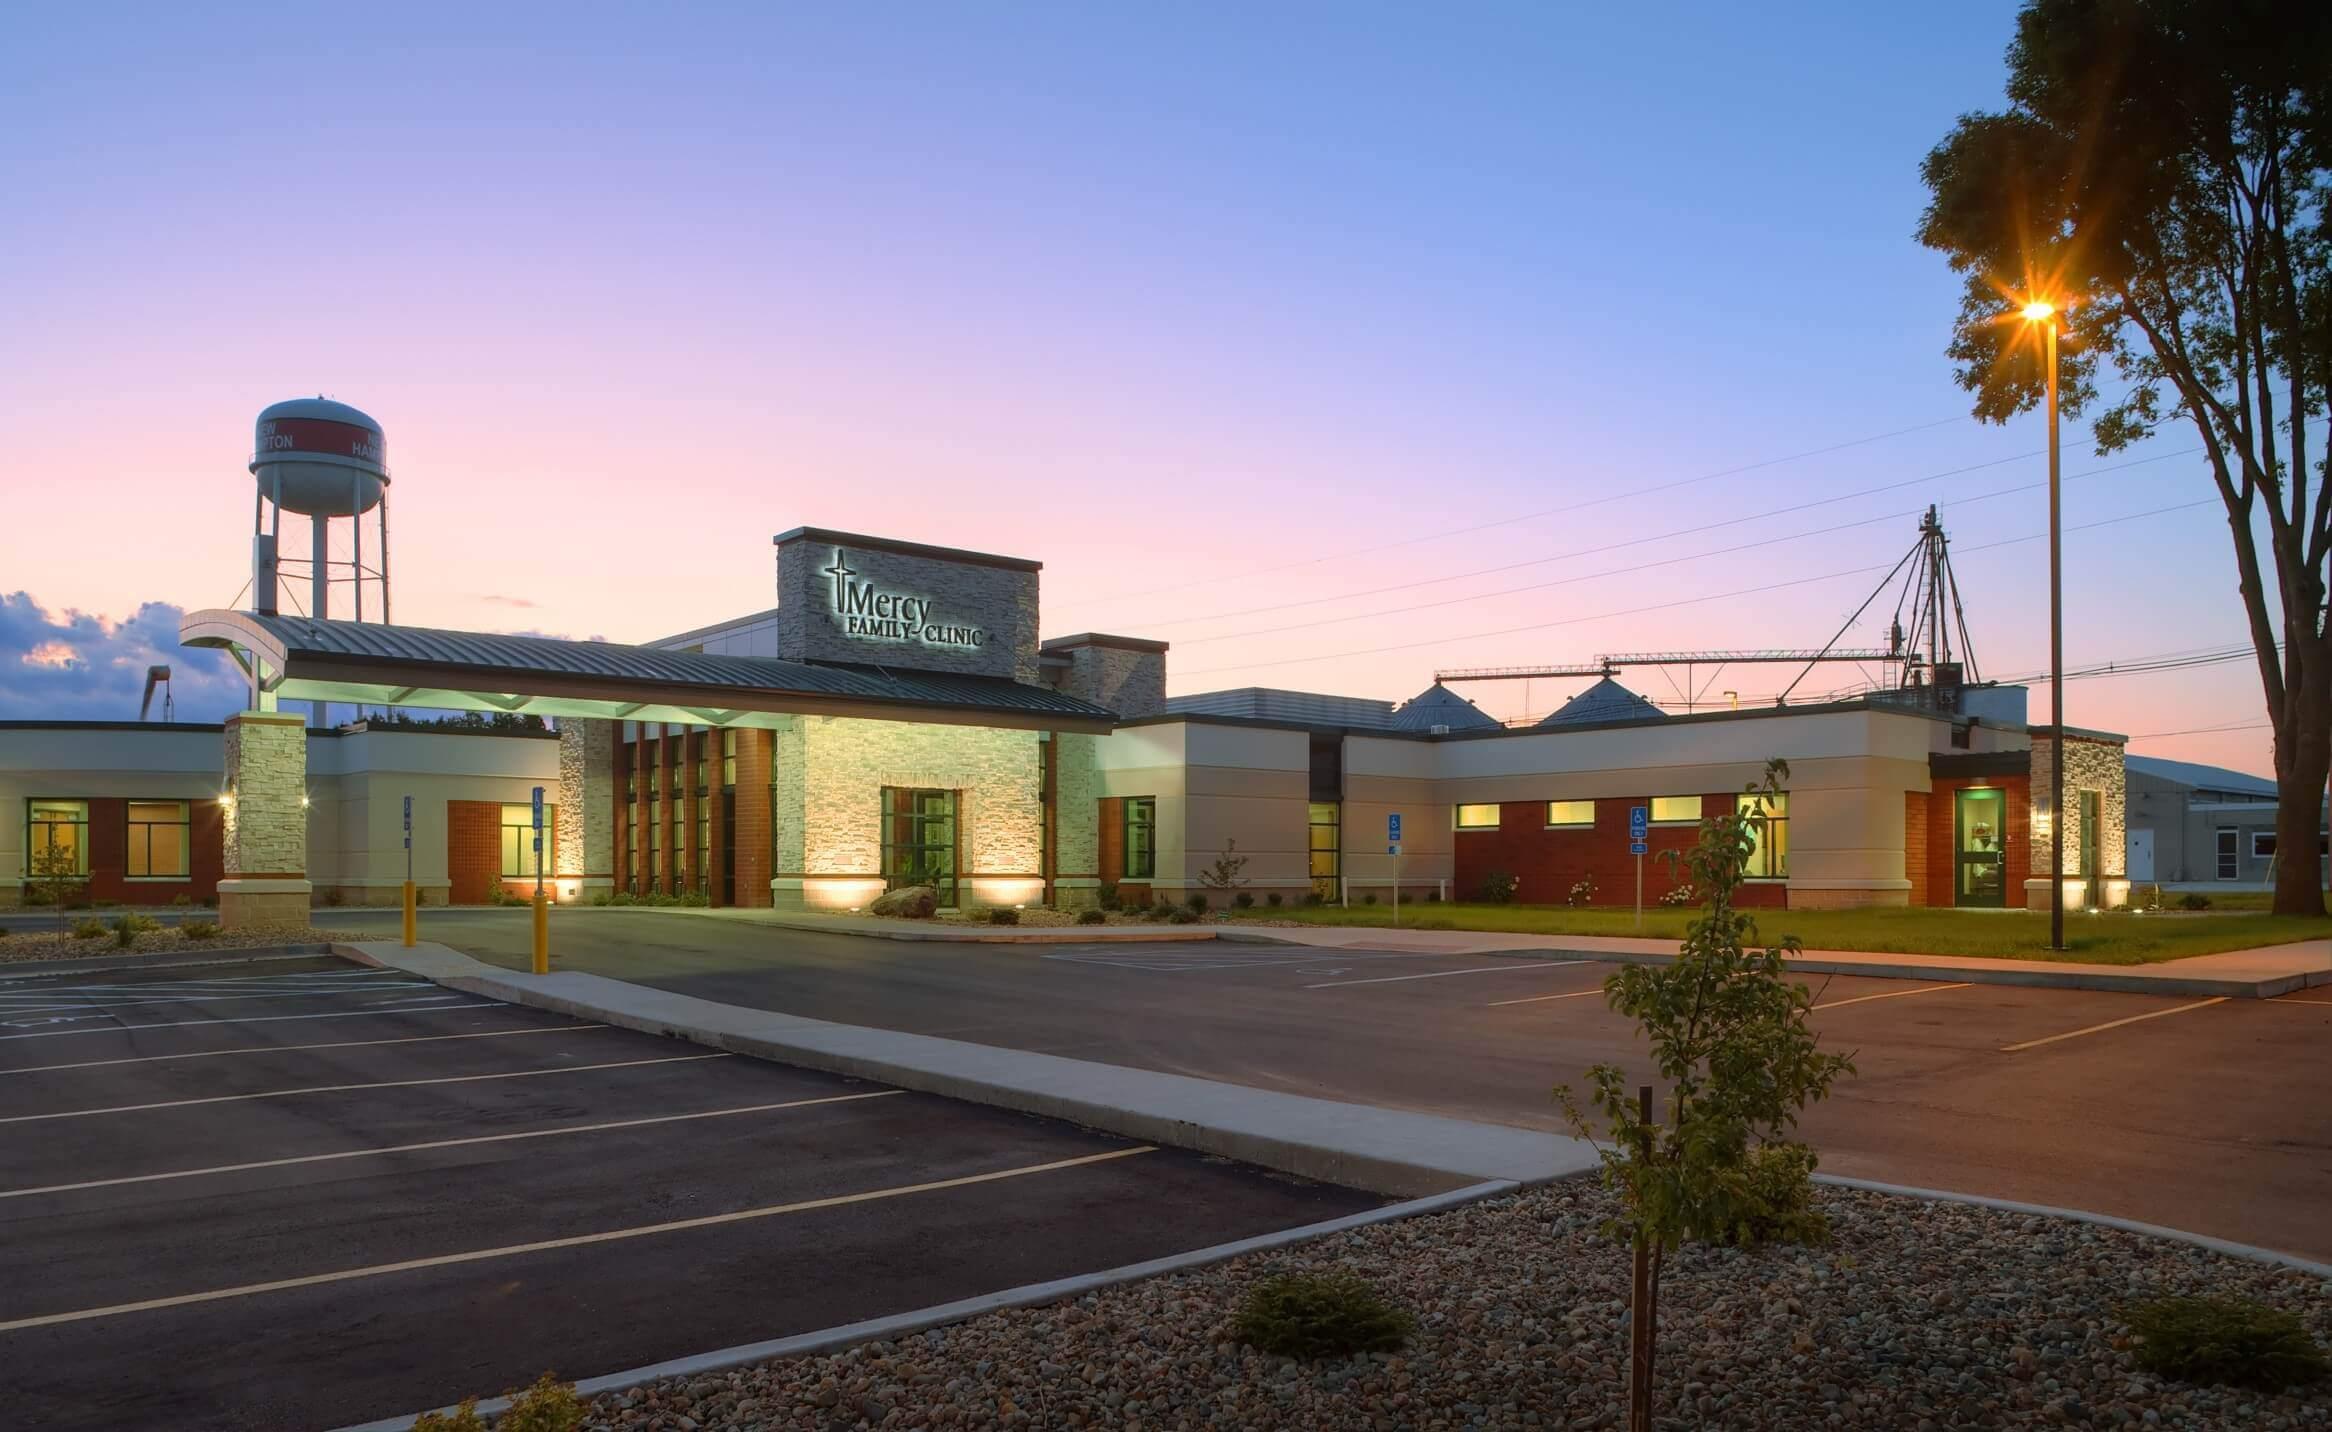 MercyOne New Hampton Medical Center Exterior at sunset